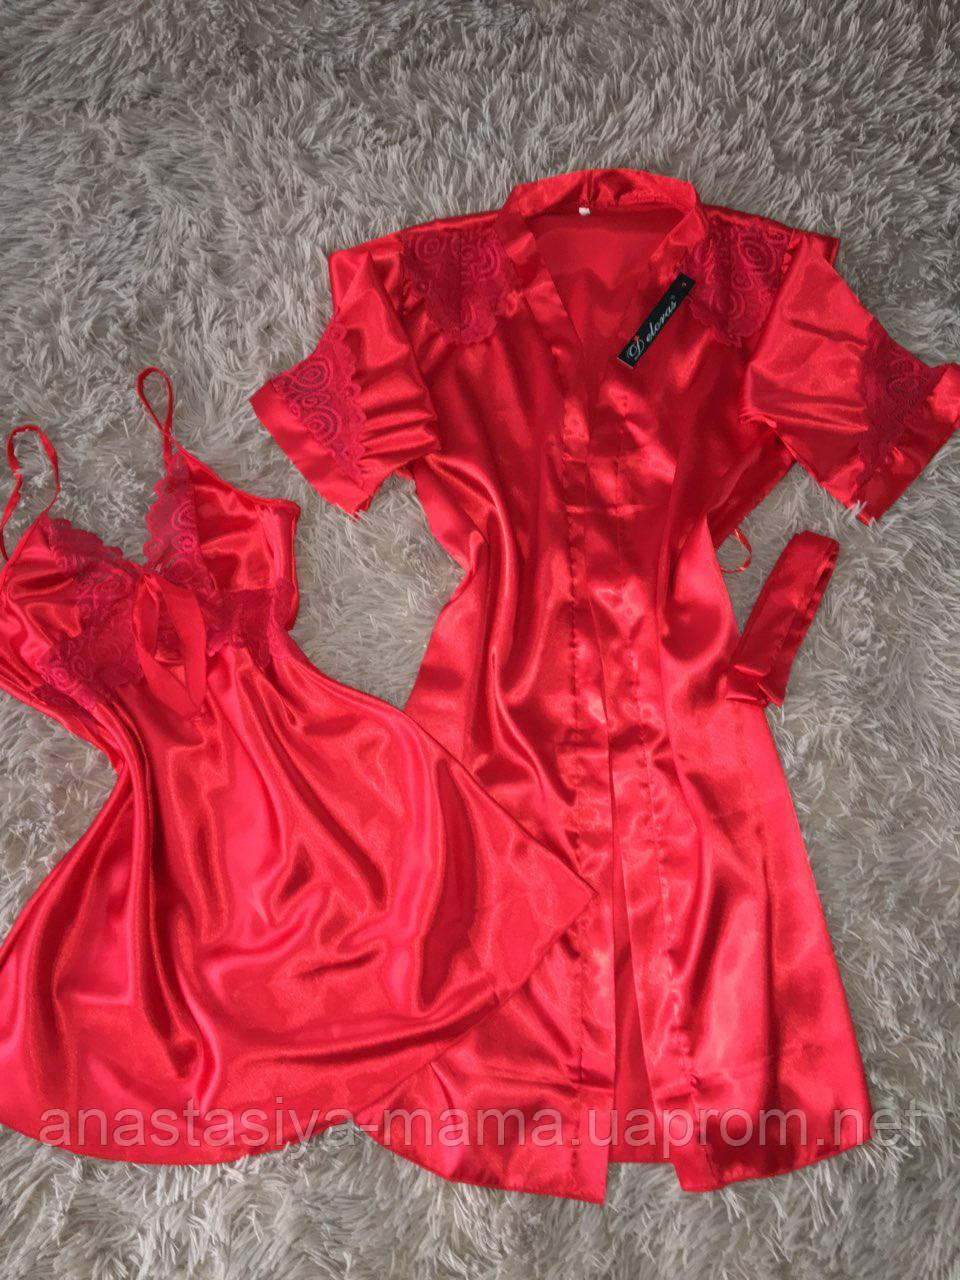 ff13c37bd Атласный комплект (ночная сорочка+халат) краснЫЙ: продажа, цена в ...